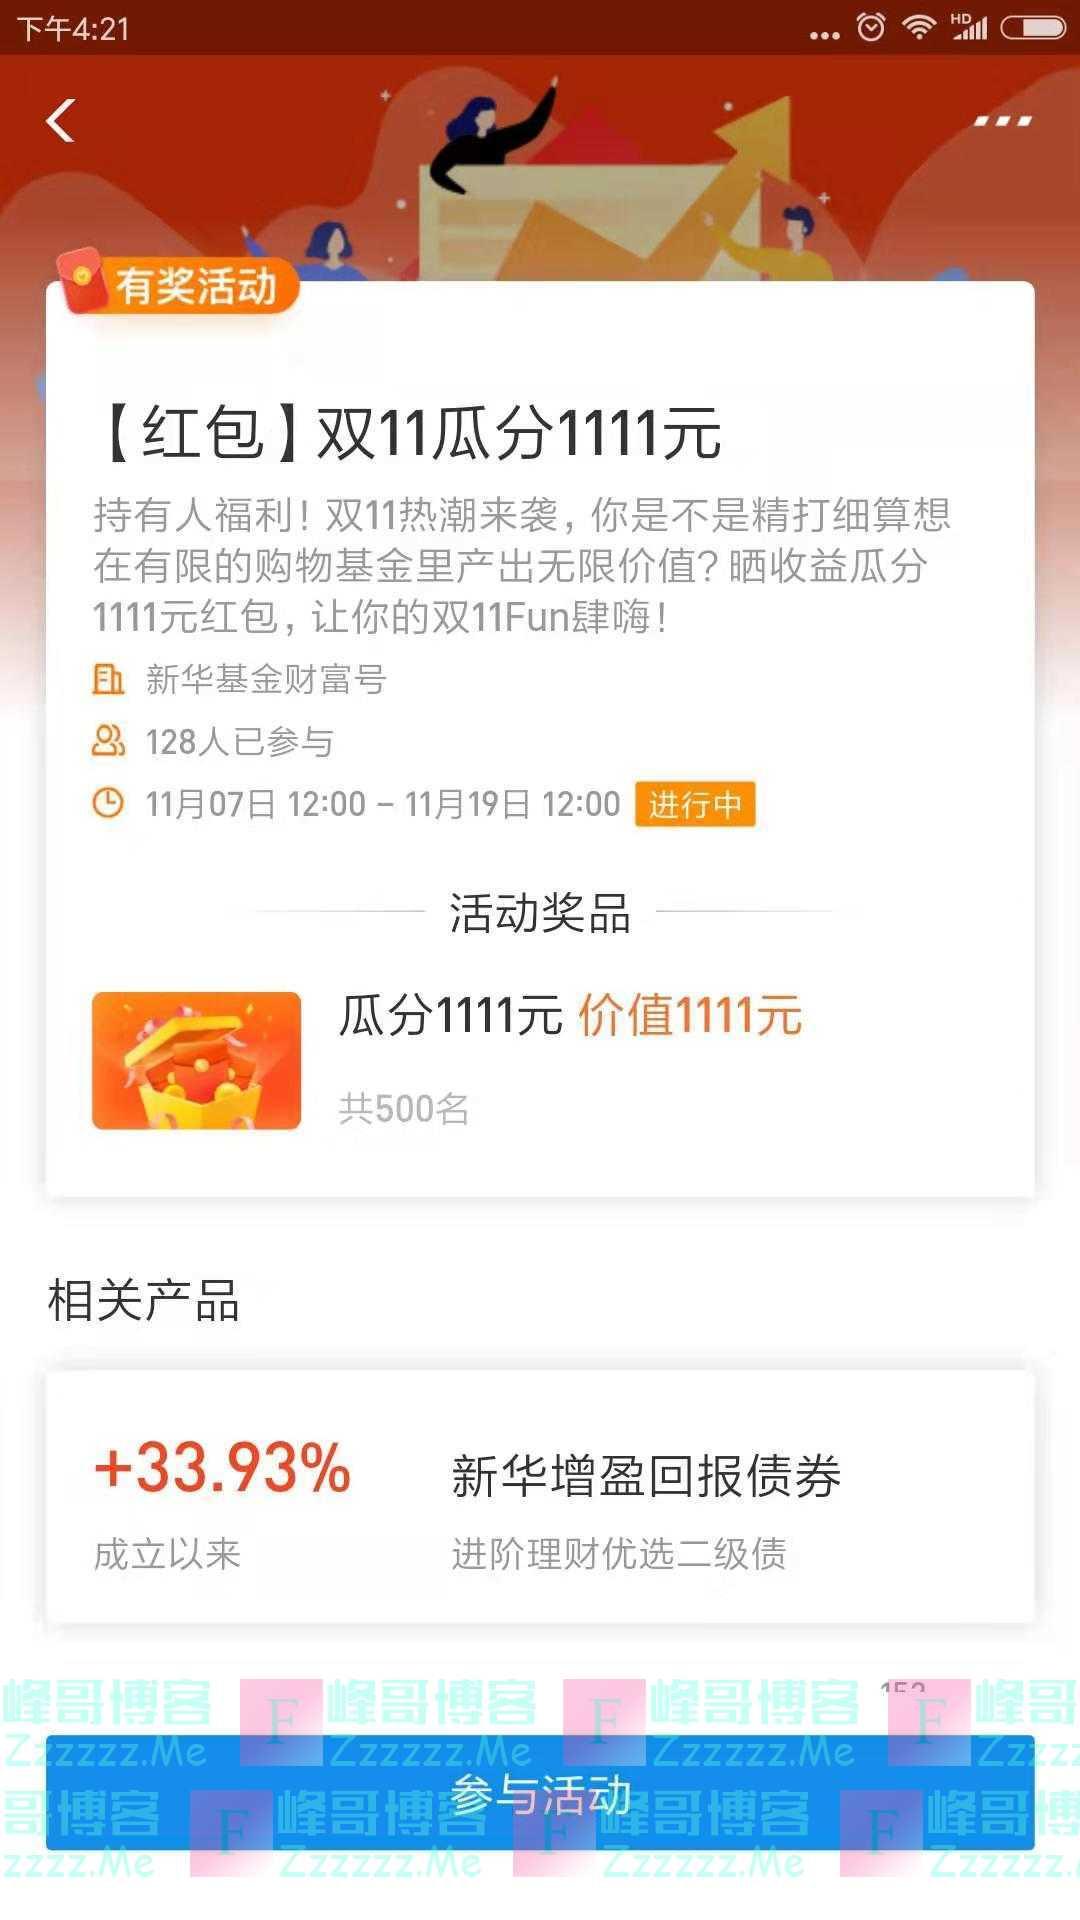 新华基金双11瓜分1111元(截止11月19日)